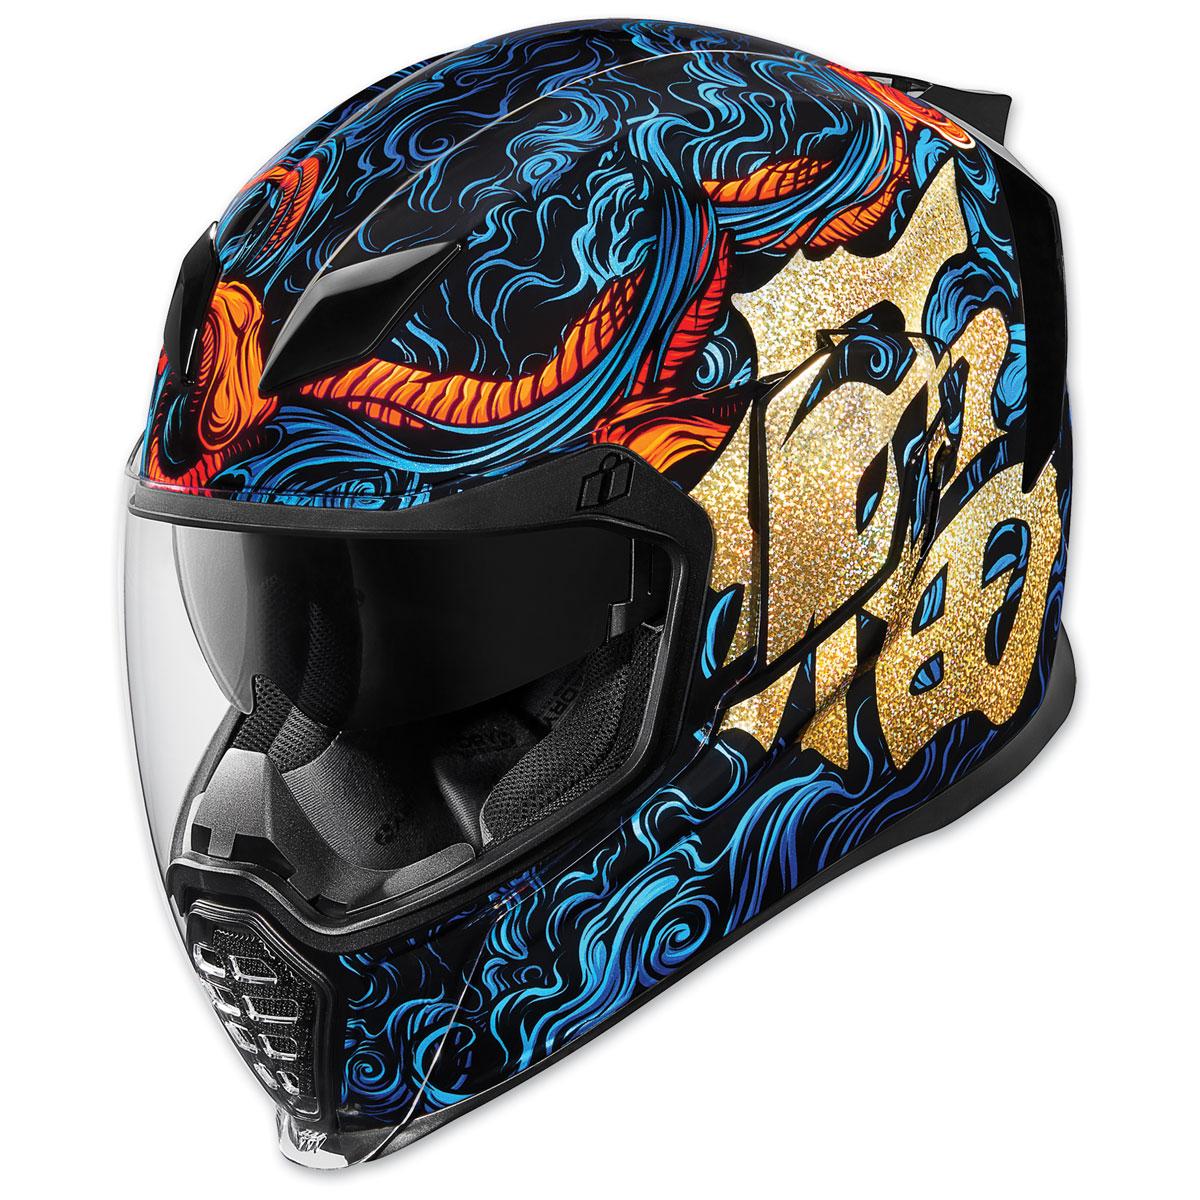 ICON Airflite Good Fortune Full Face Helmet